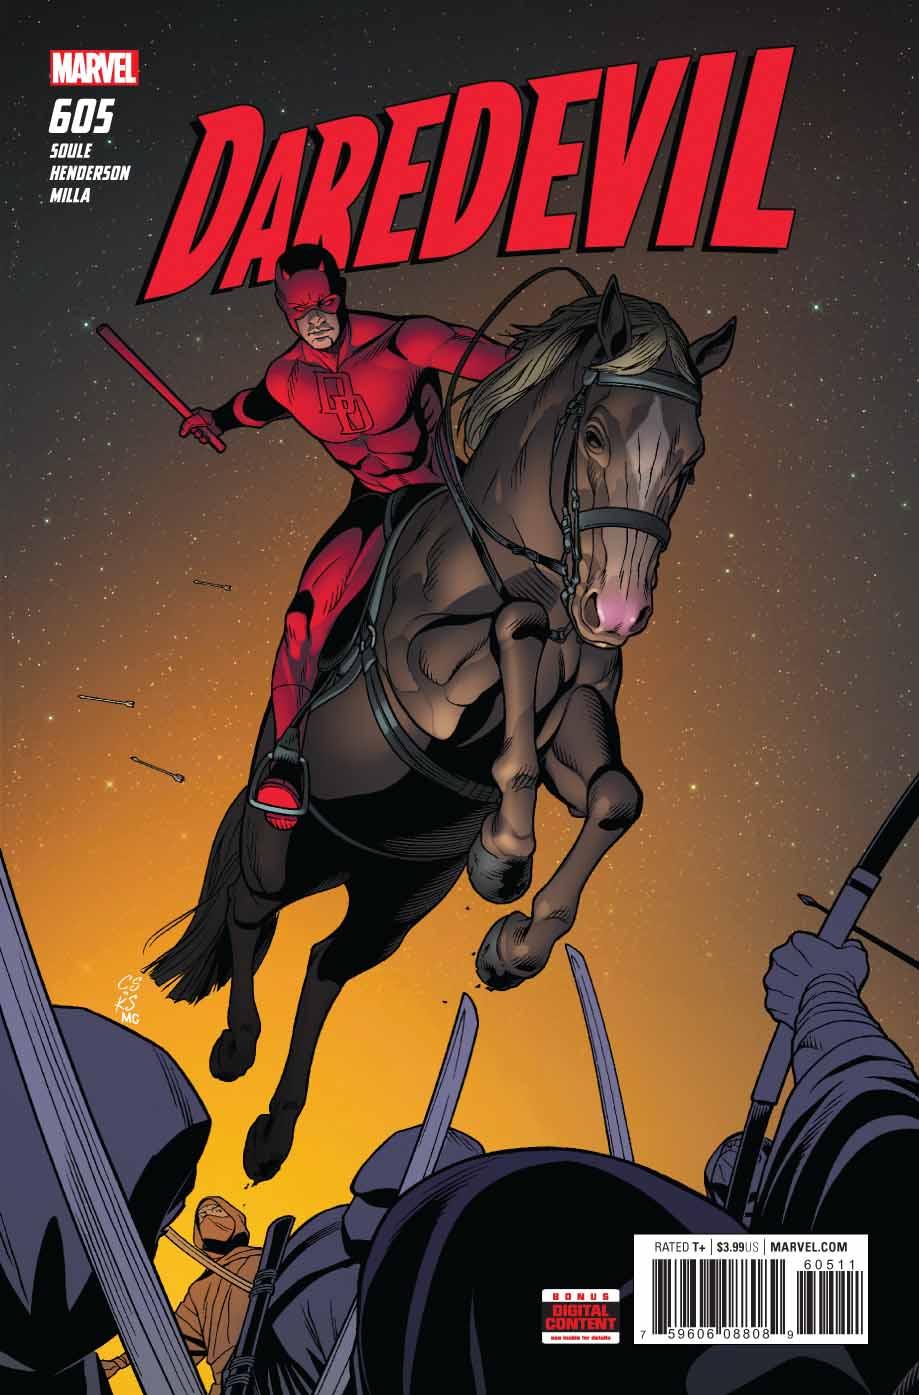 Daredevil Vol 1 605